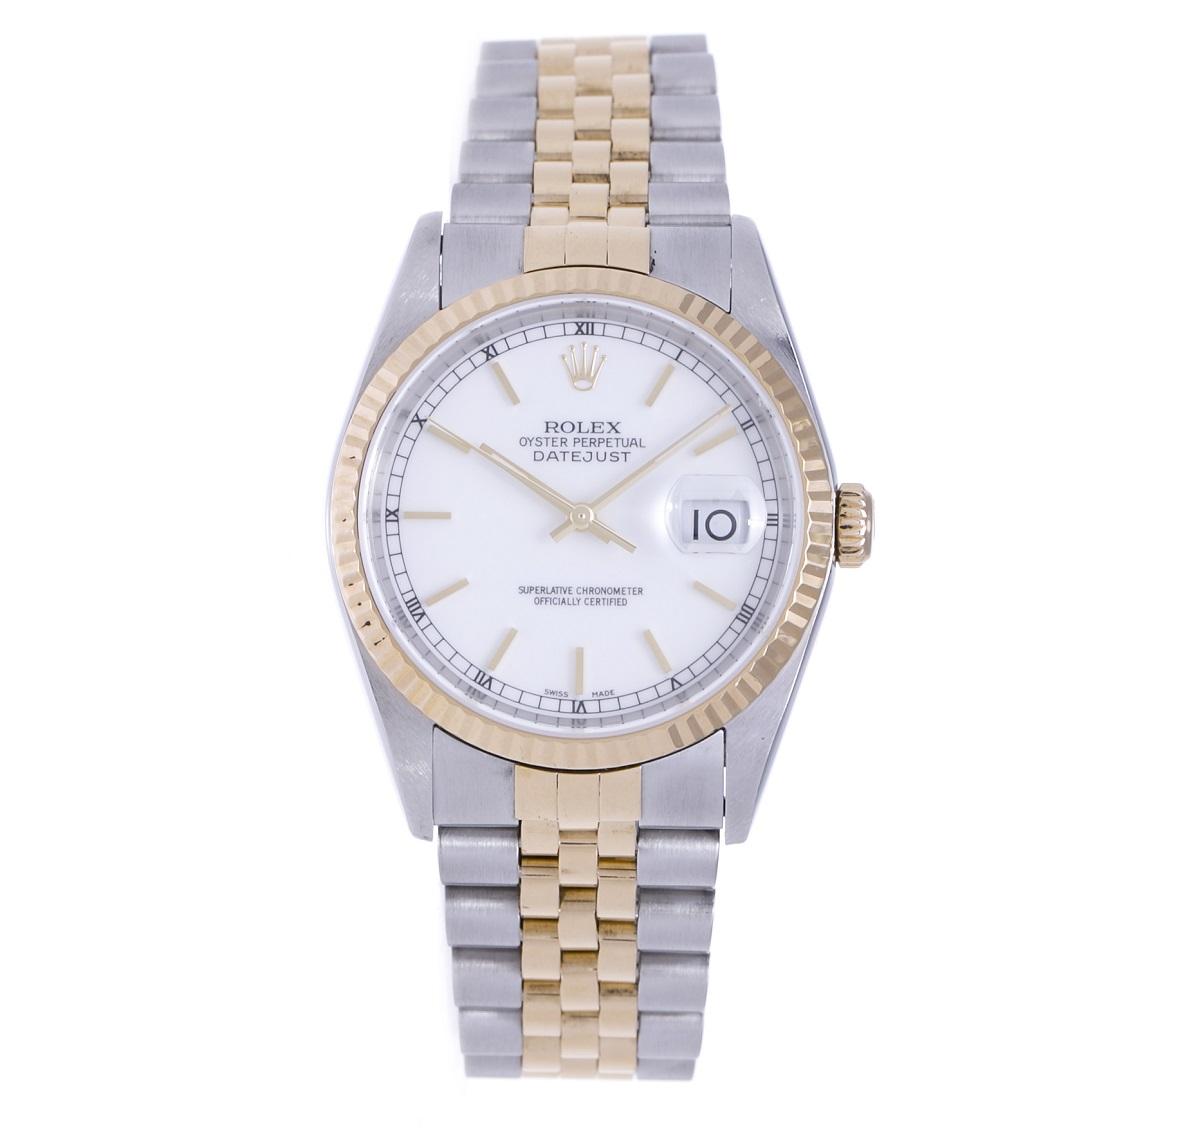 ロレックス ROLEX デイトジャスト 16233 SS/YG ステンレスxイエローゴールド 白文字盤 2003年 メンズ 腕時計 送料無料 【トレジャースポット】 【中古】